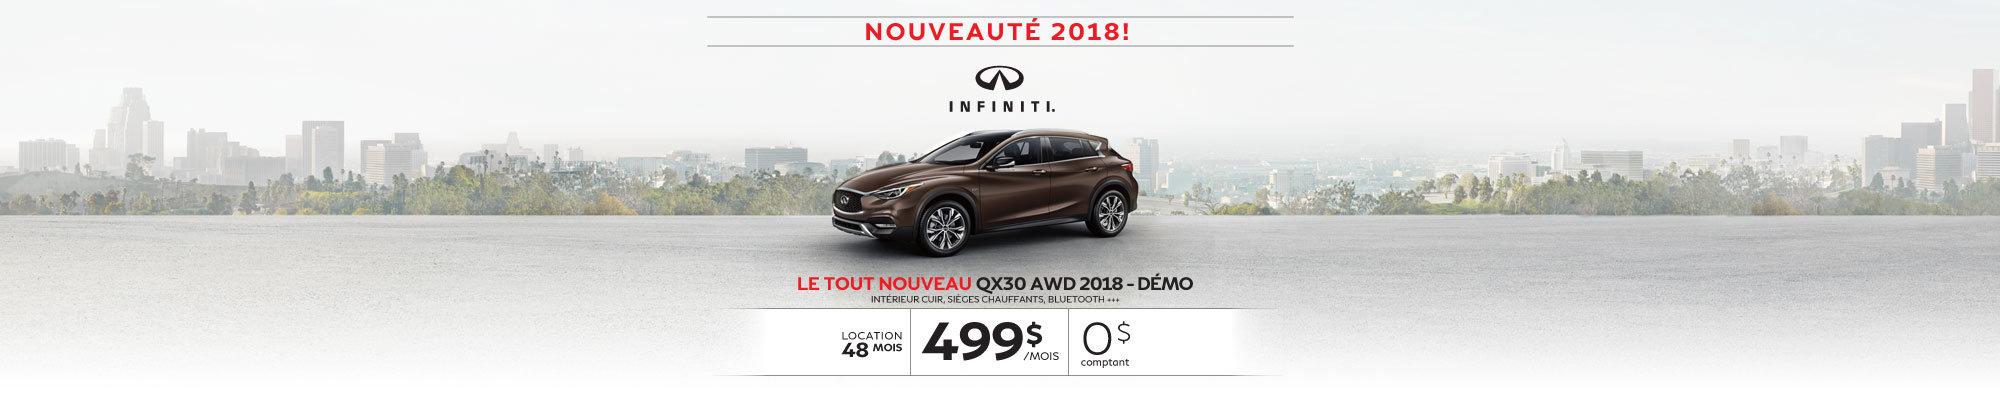 Le tout nouveau QX30 FWD 2018 démo web